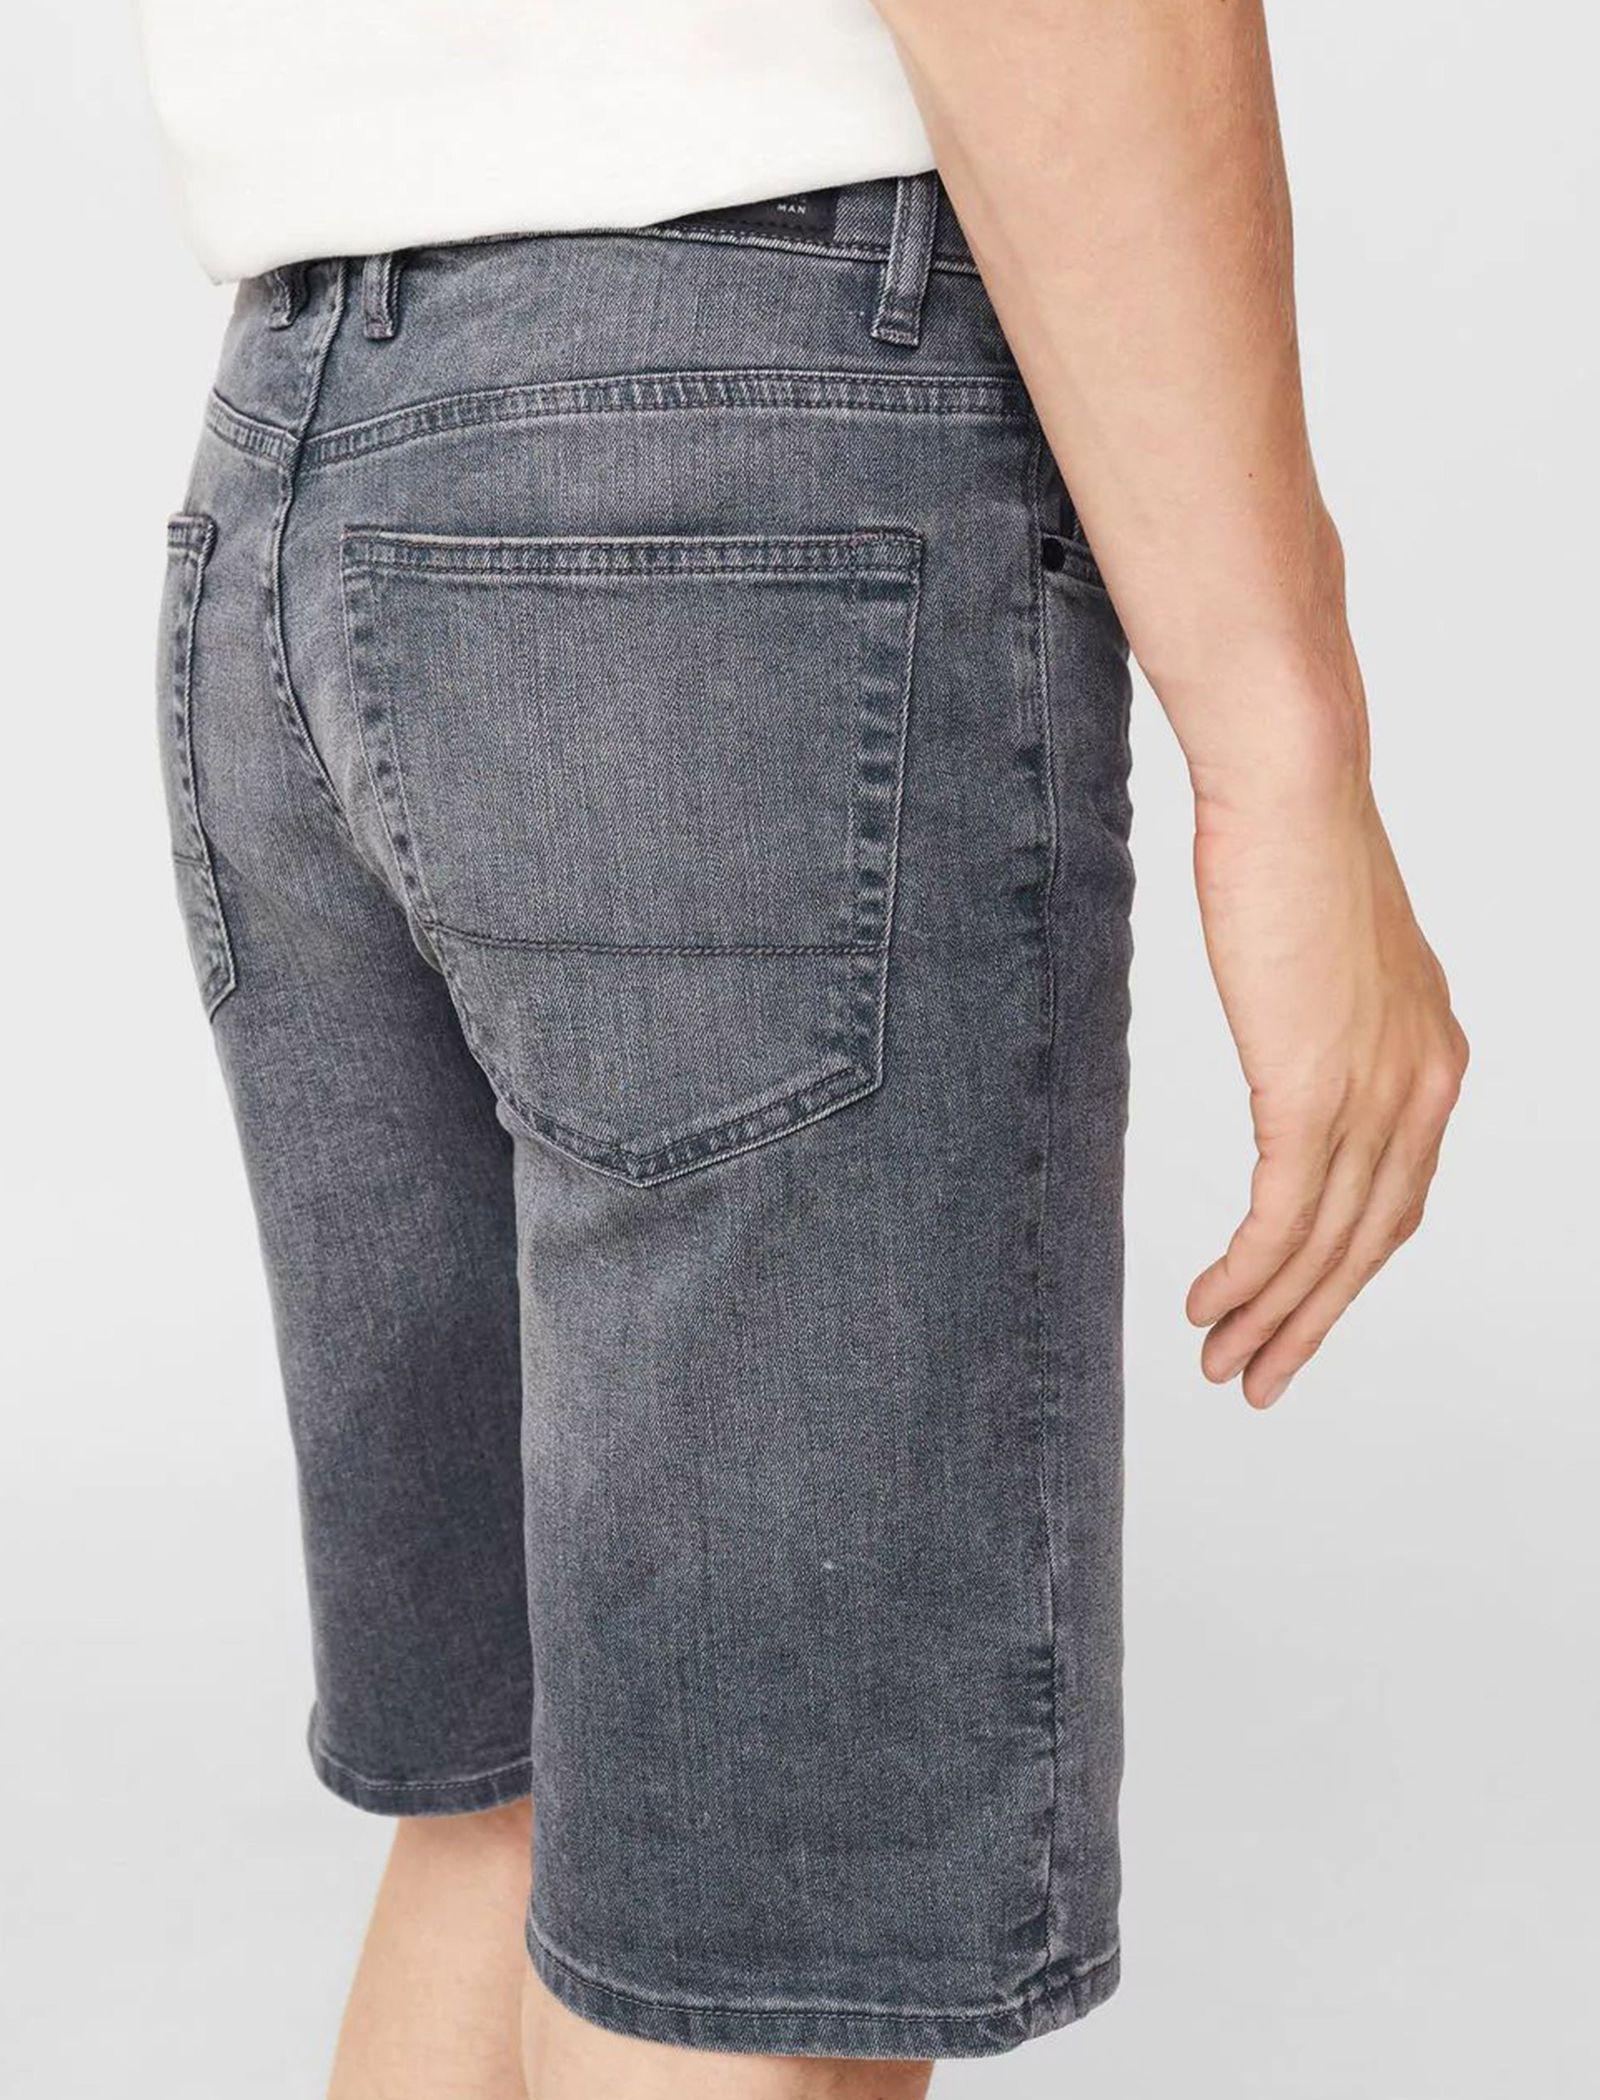 شلوارک جین مردانه - مانگو - طوسي - 3